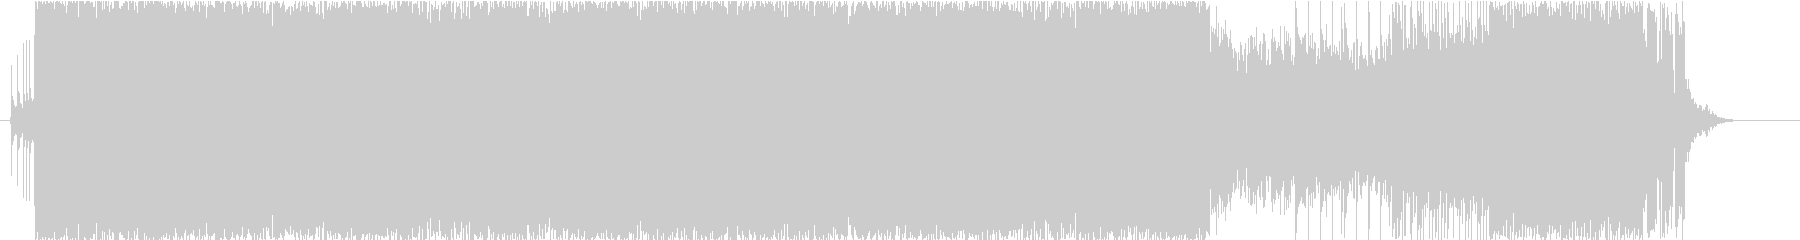 洋楽 疾走系 デスメタル ラスボスの未再生の波形